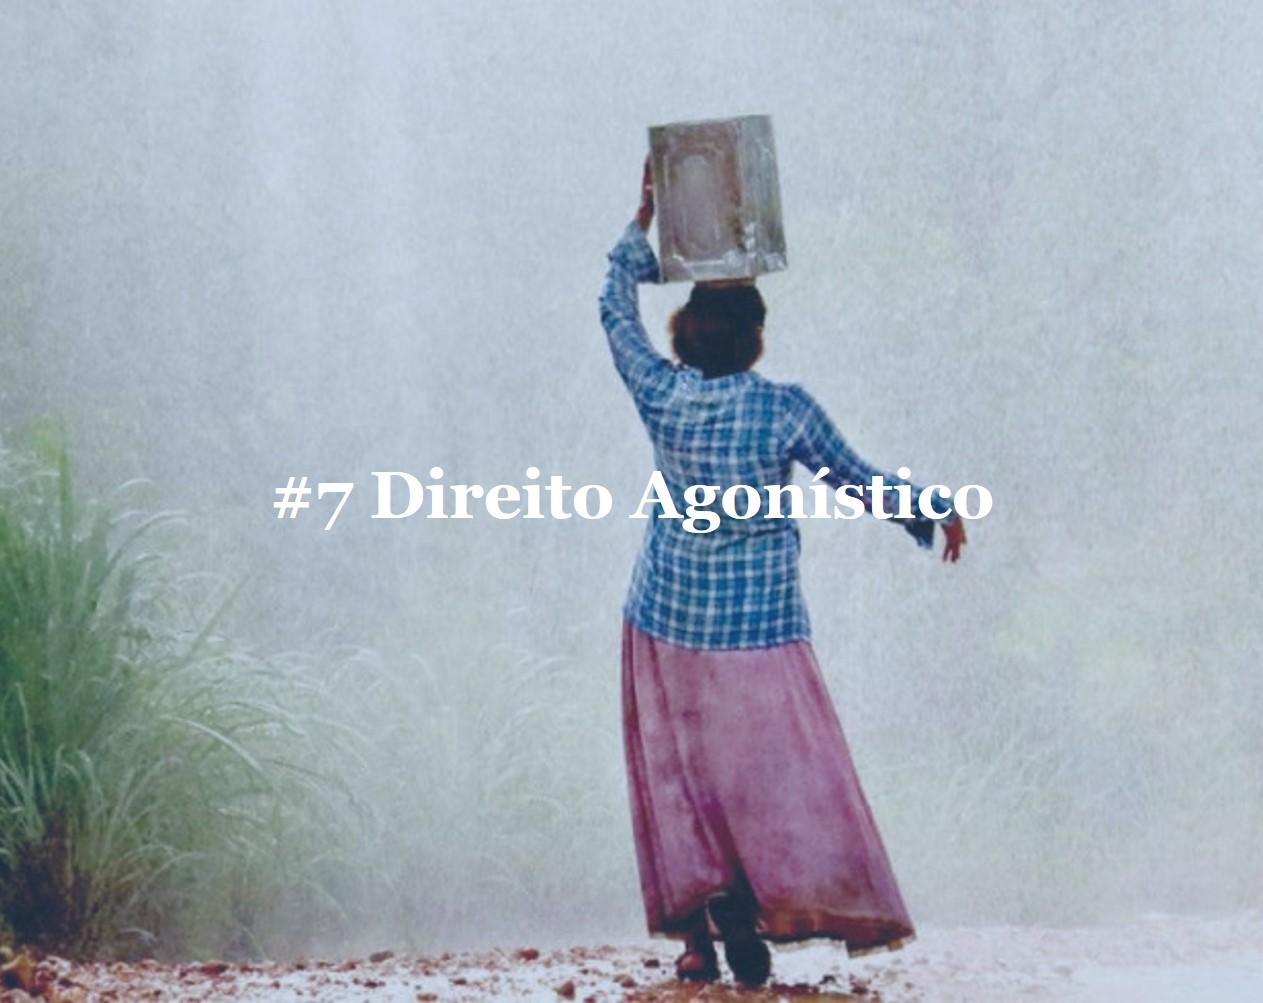 #7 Direito Agonístico